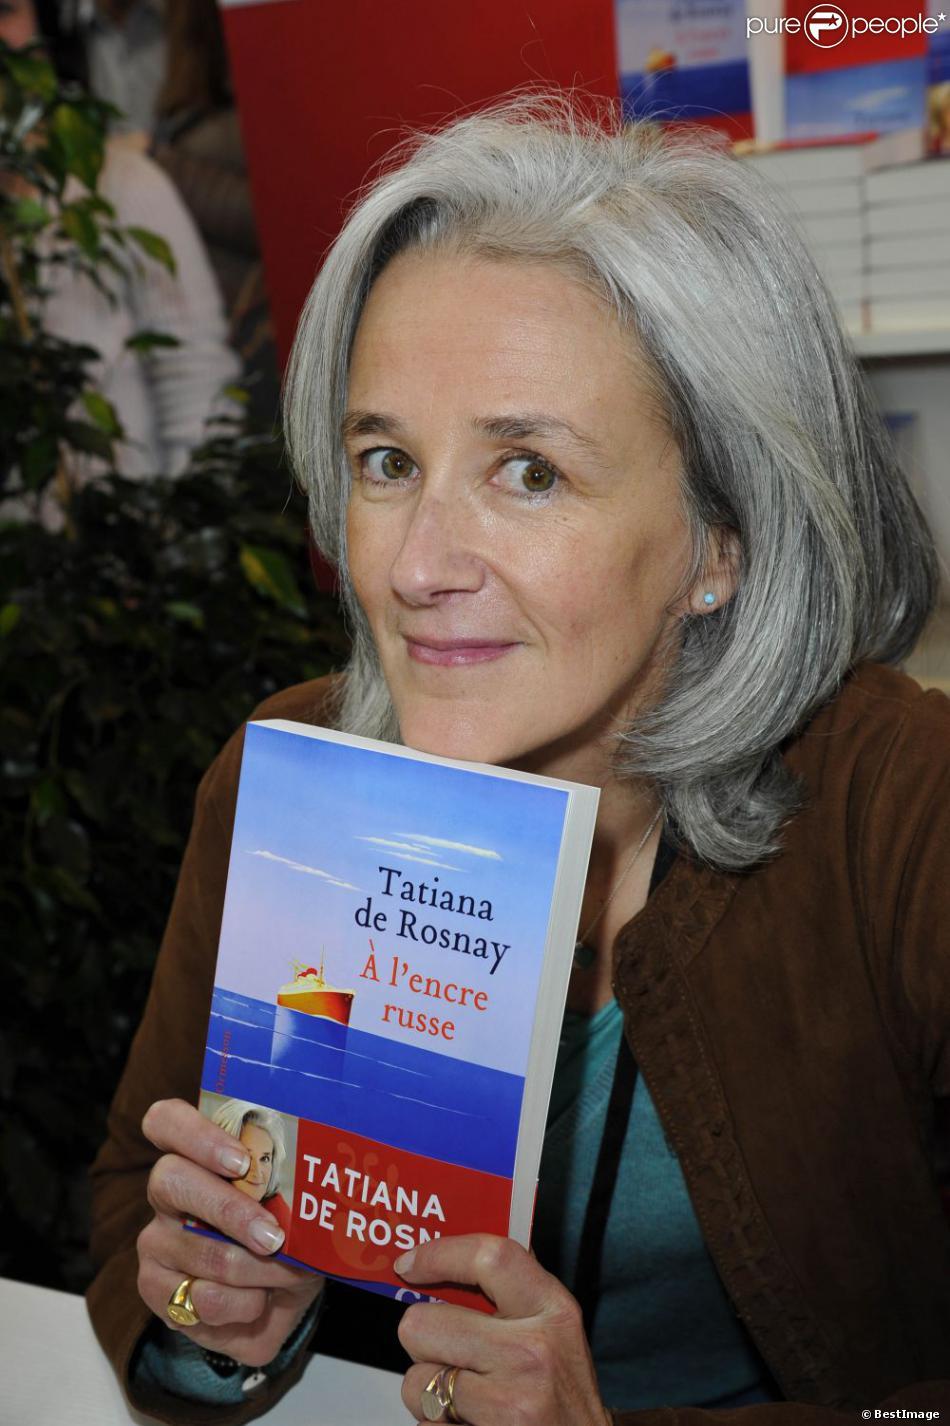 Tatiana de rosnay la 33e dition du salon du livre for Salon du x porte de versailles